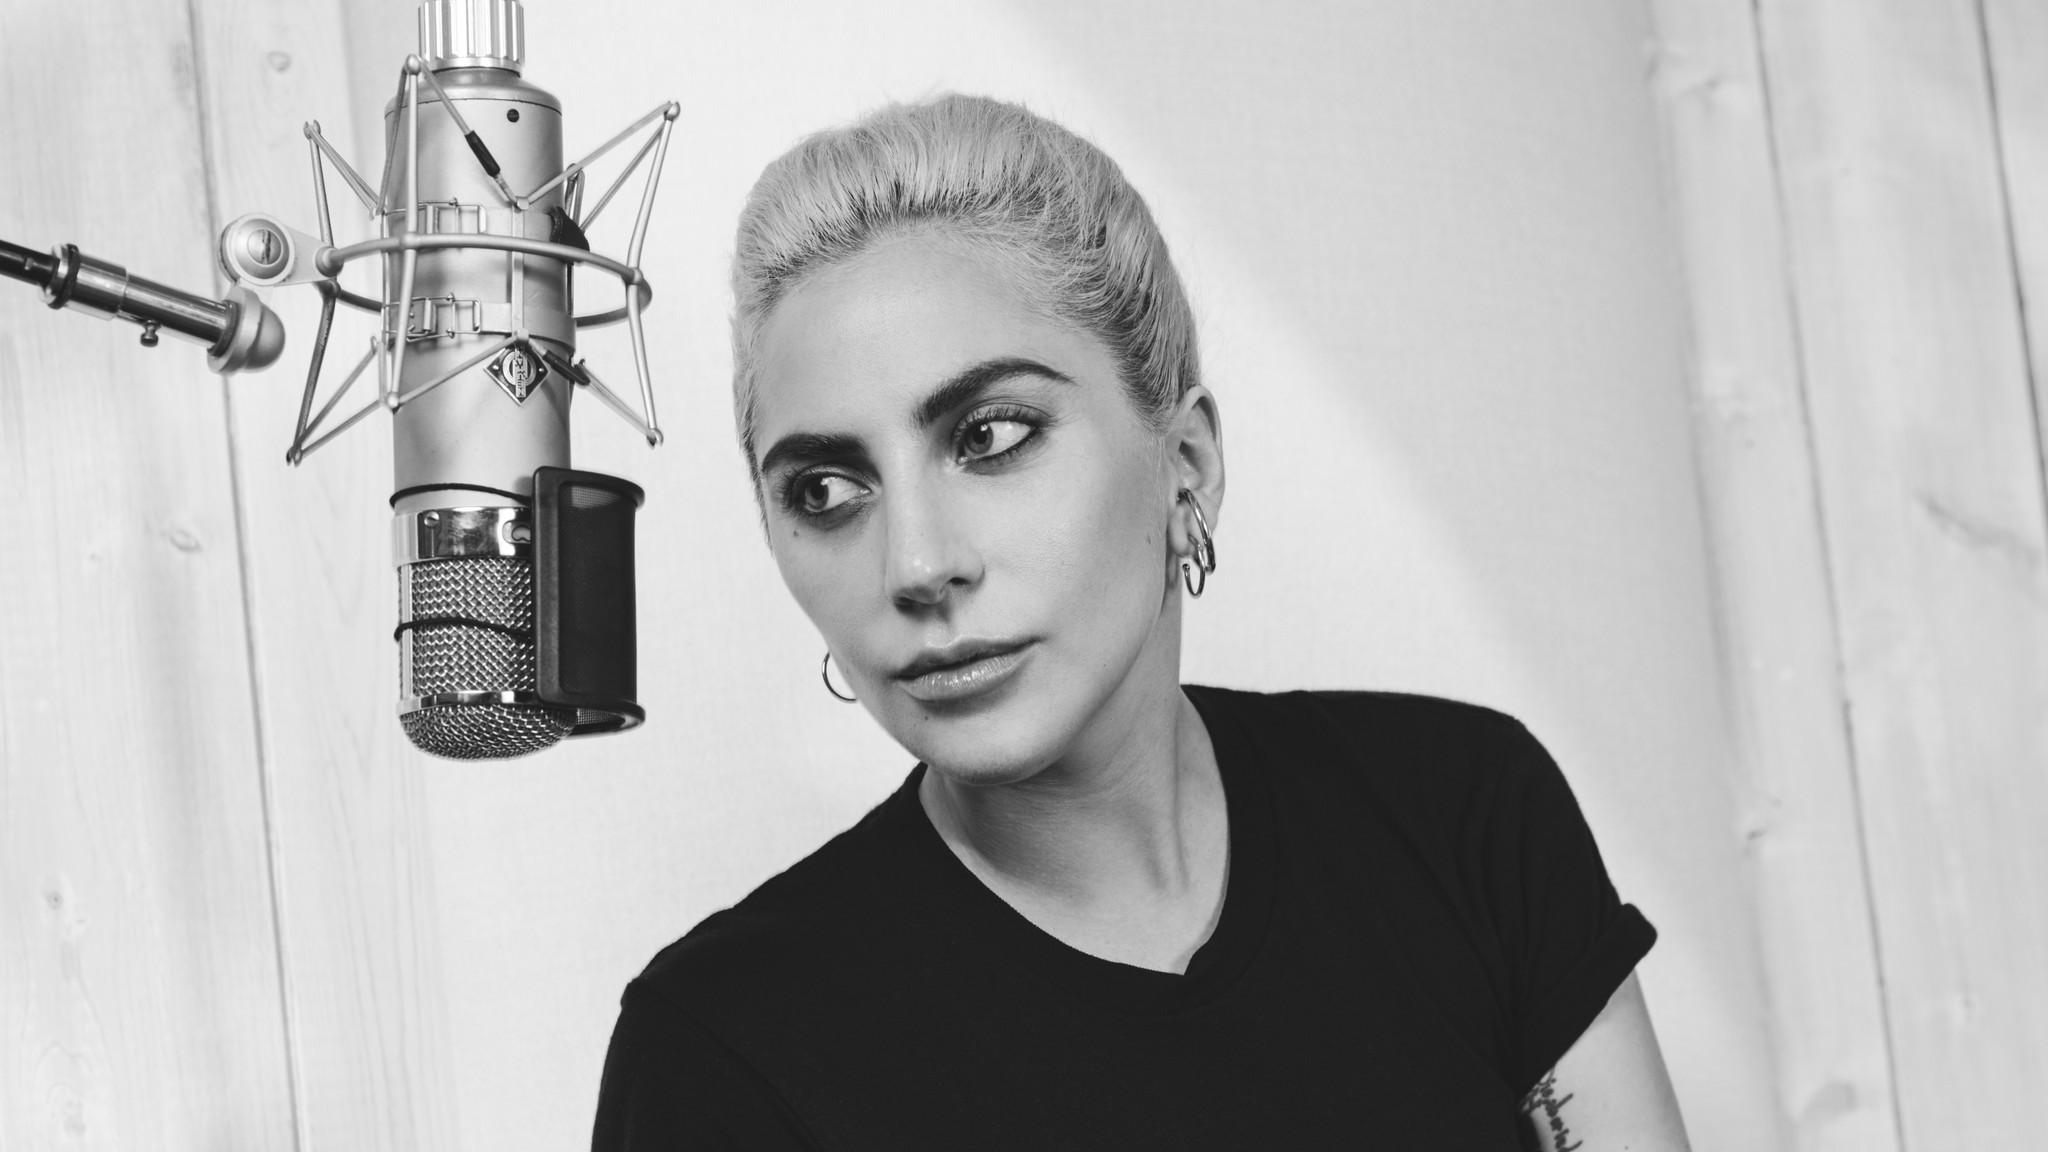 Lady Gaga (Collier Schorr)